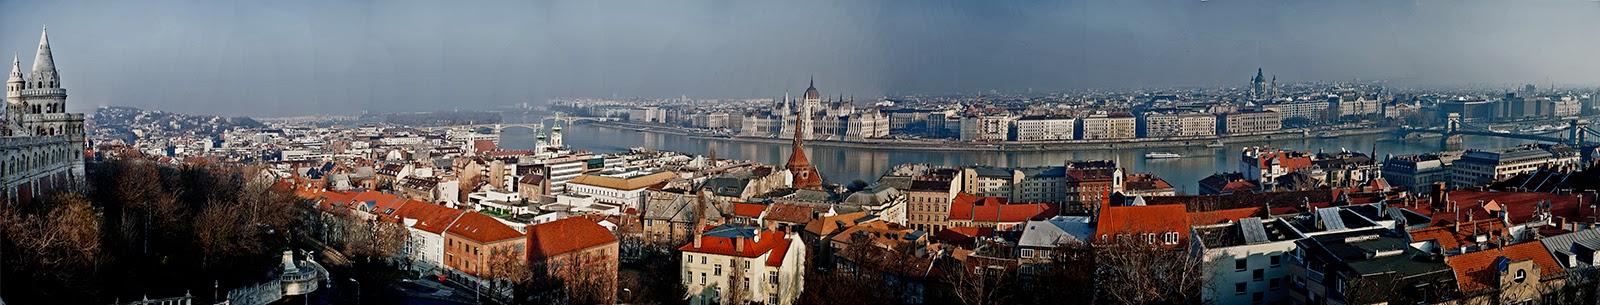 Budapest, Hungary, Danube